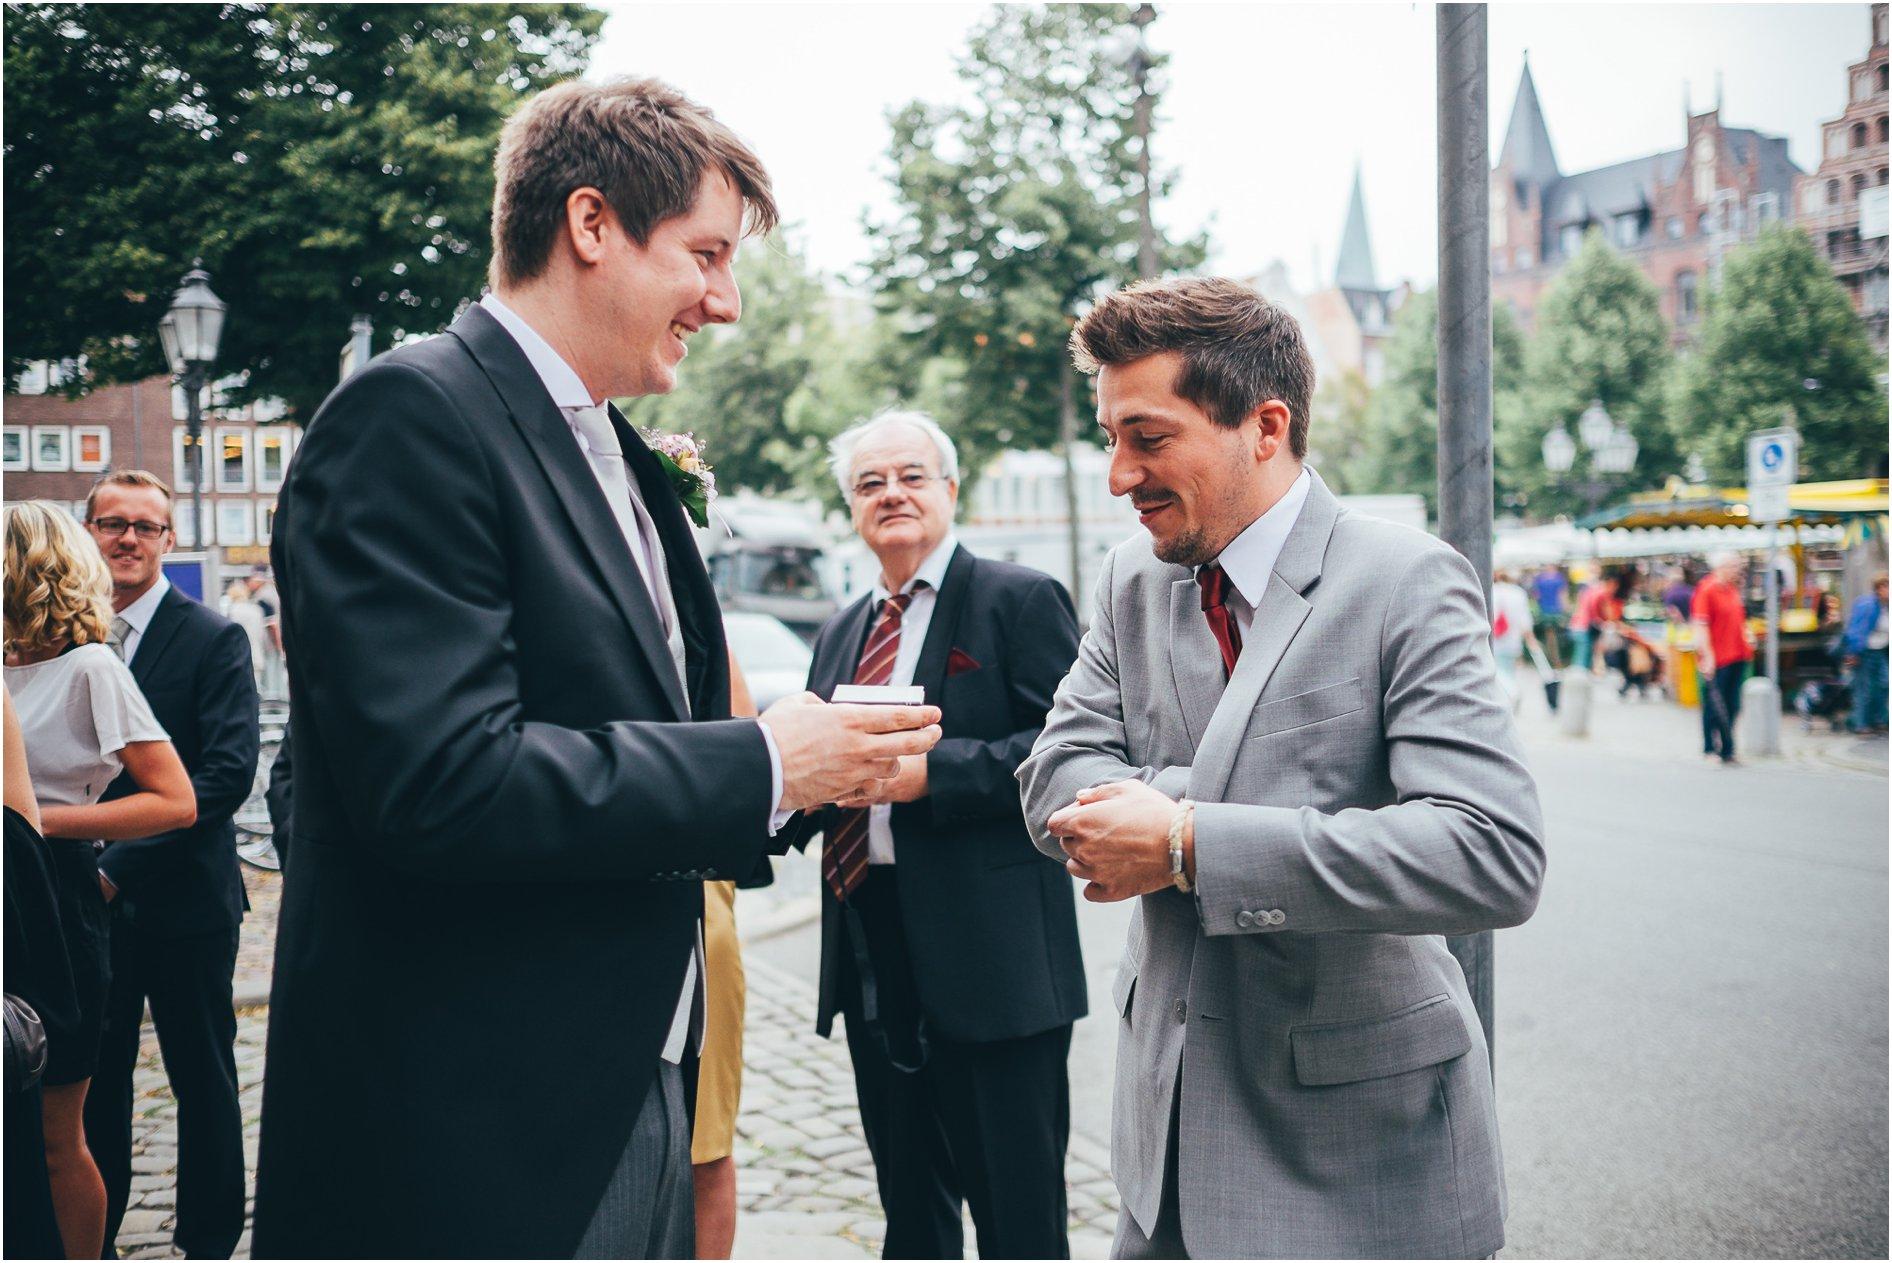 2014-10-13_0013 Jenny & Matthias - Hochzeitsfotograf auf Gut Bardenhagen